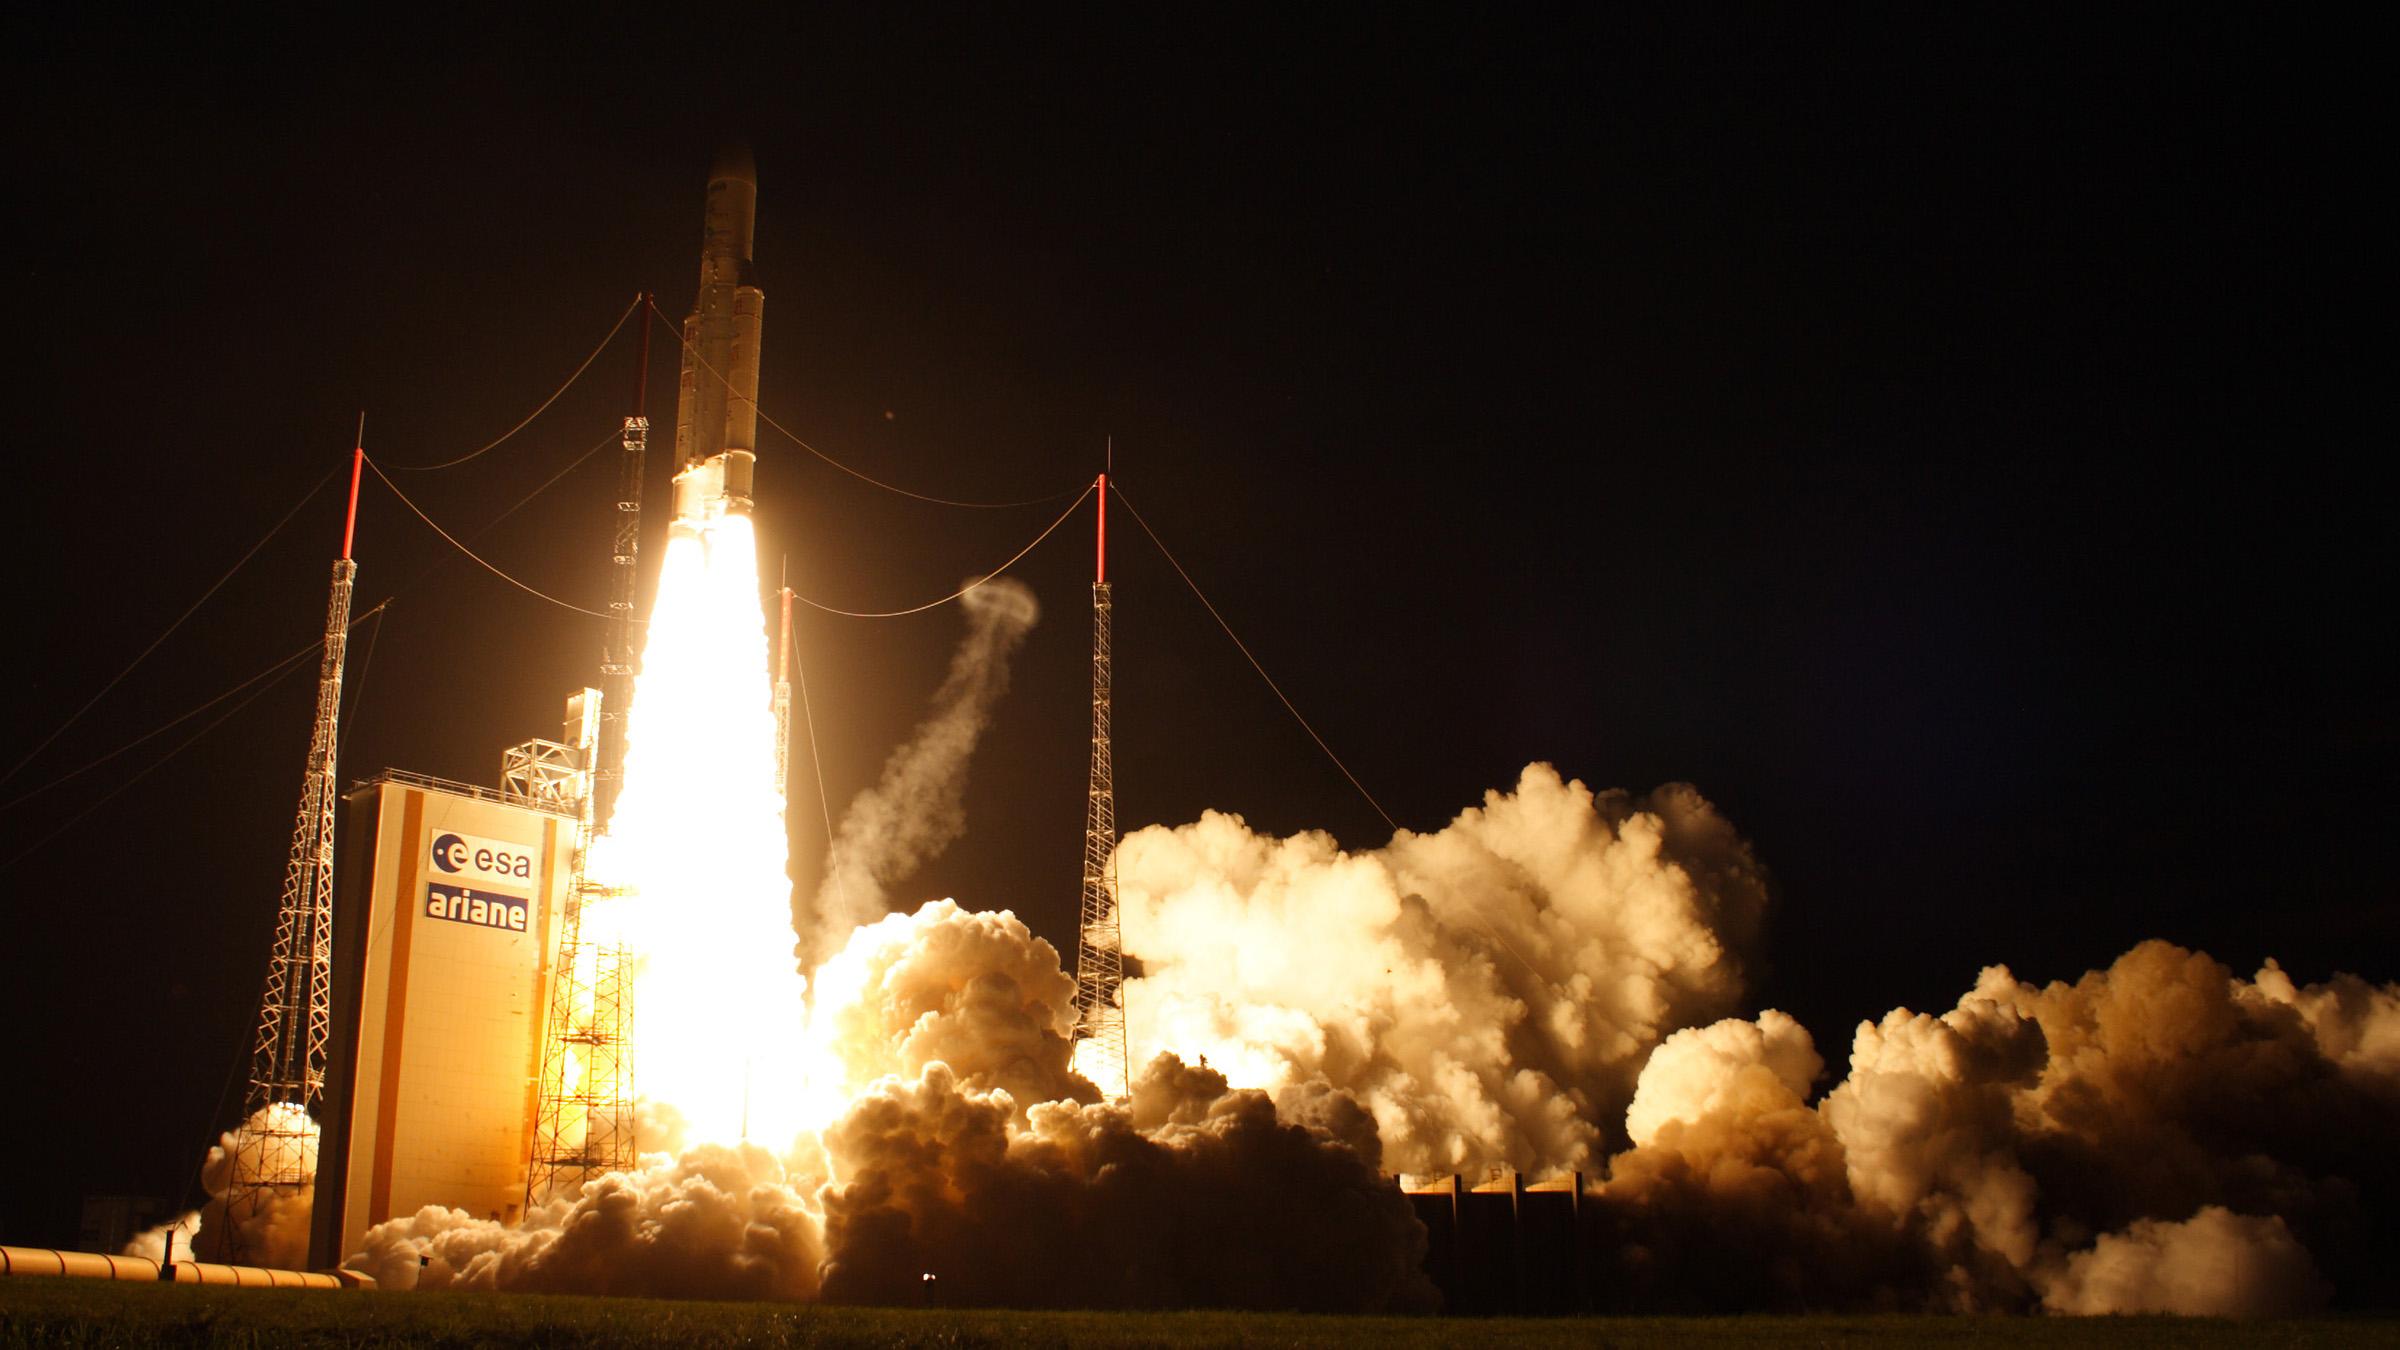 launch profile esa atv - photo #32